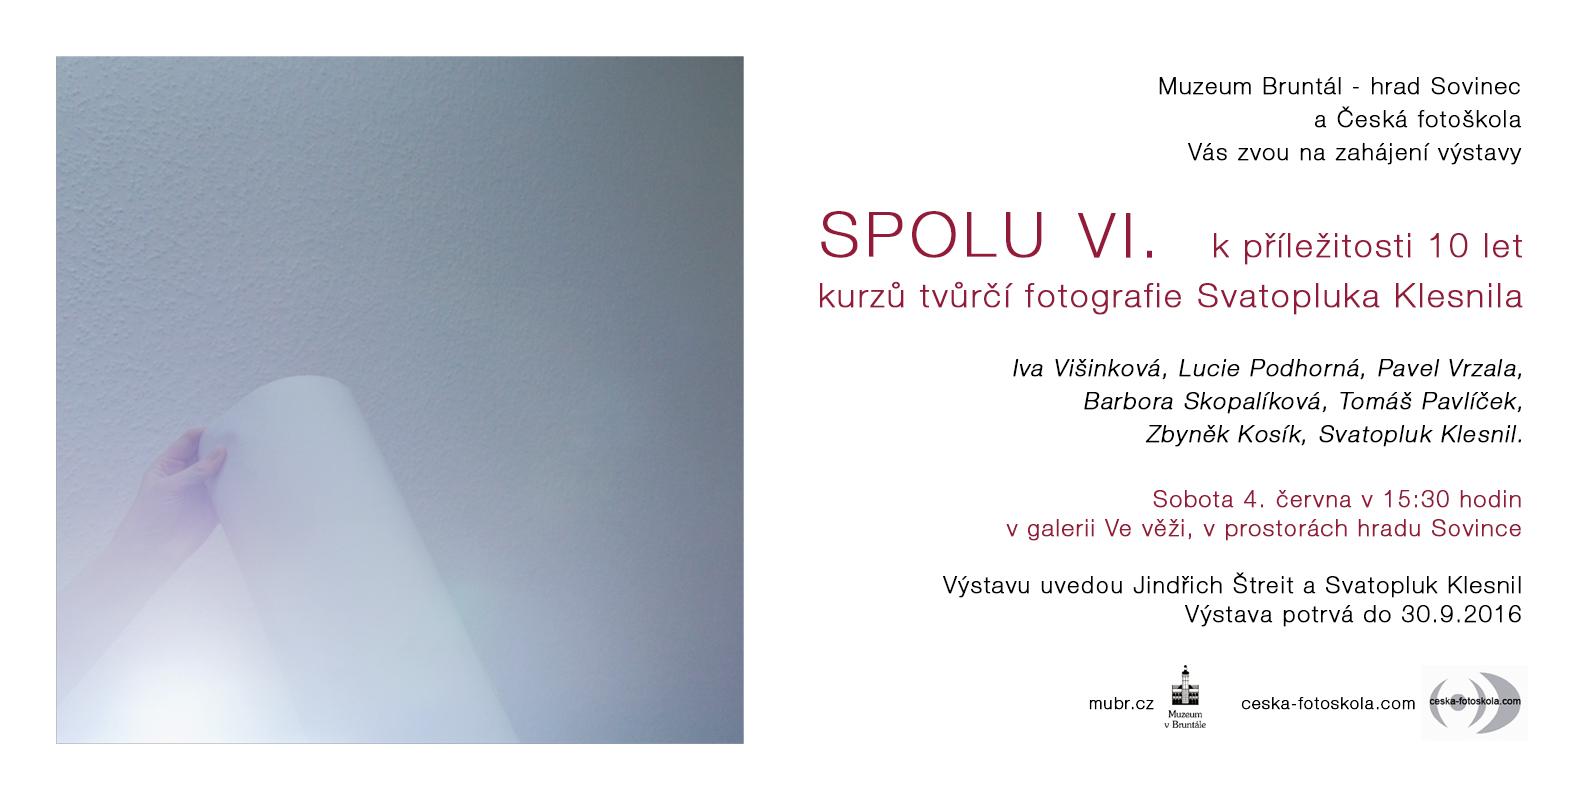 výstava fotografických kurzů Olomouc, Zlín, Ostrava